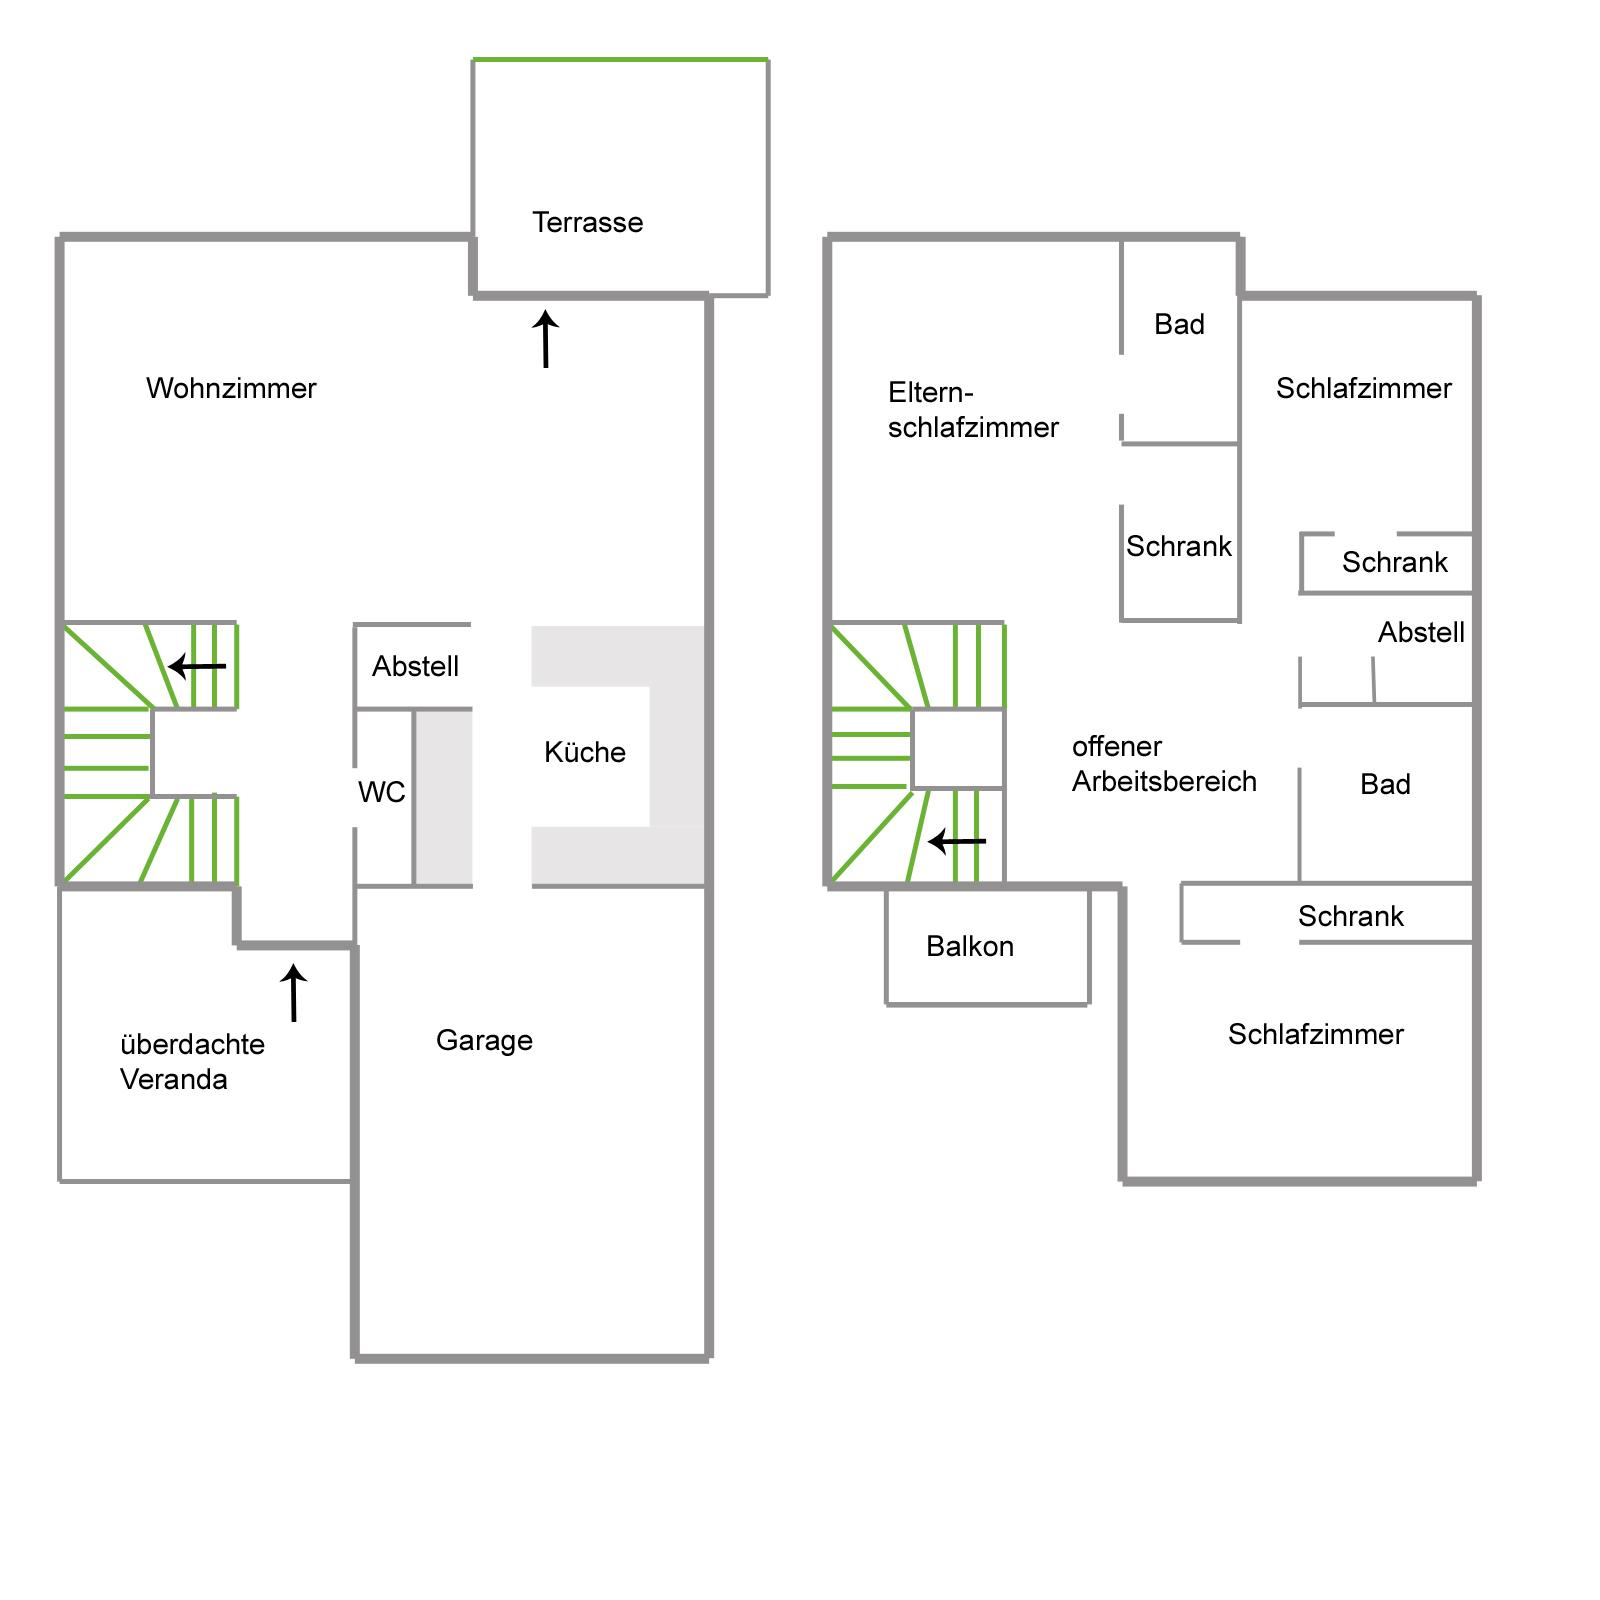 garage planen planen sie mit uns ihre eigenen vier wnde eine erhalten sie auf anfrage ber. Black Bedroom Furniture Sets. Home Design Ideas